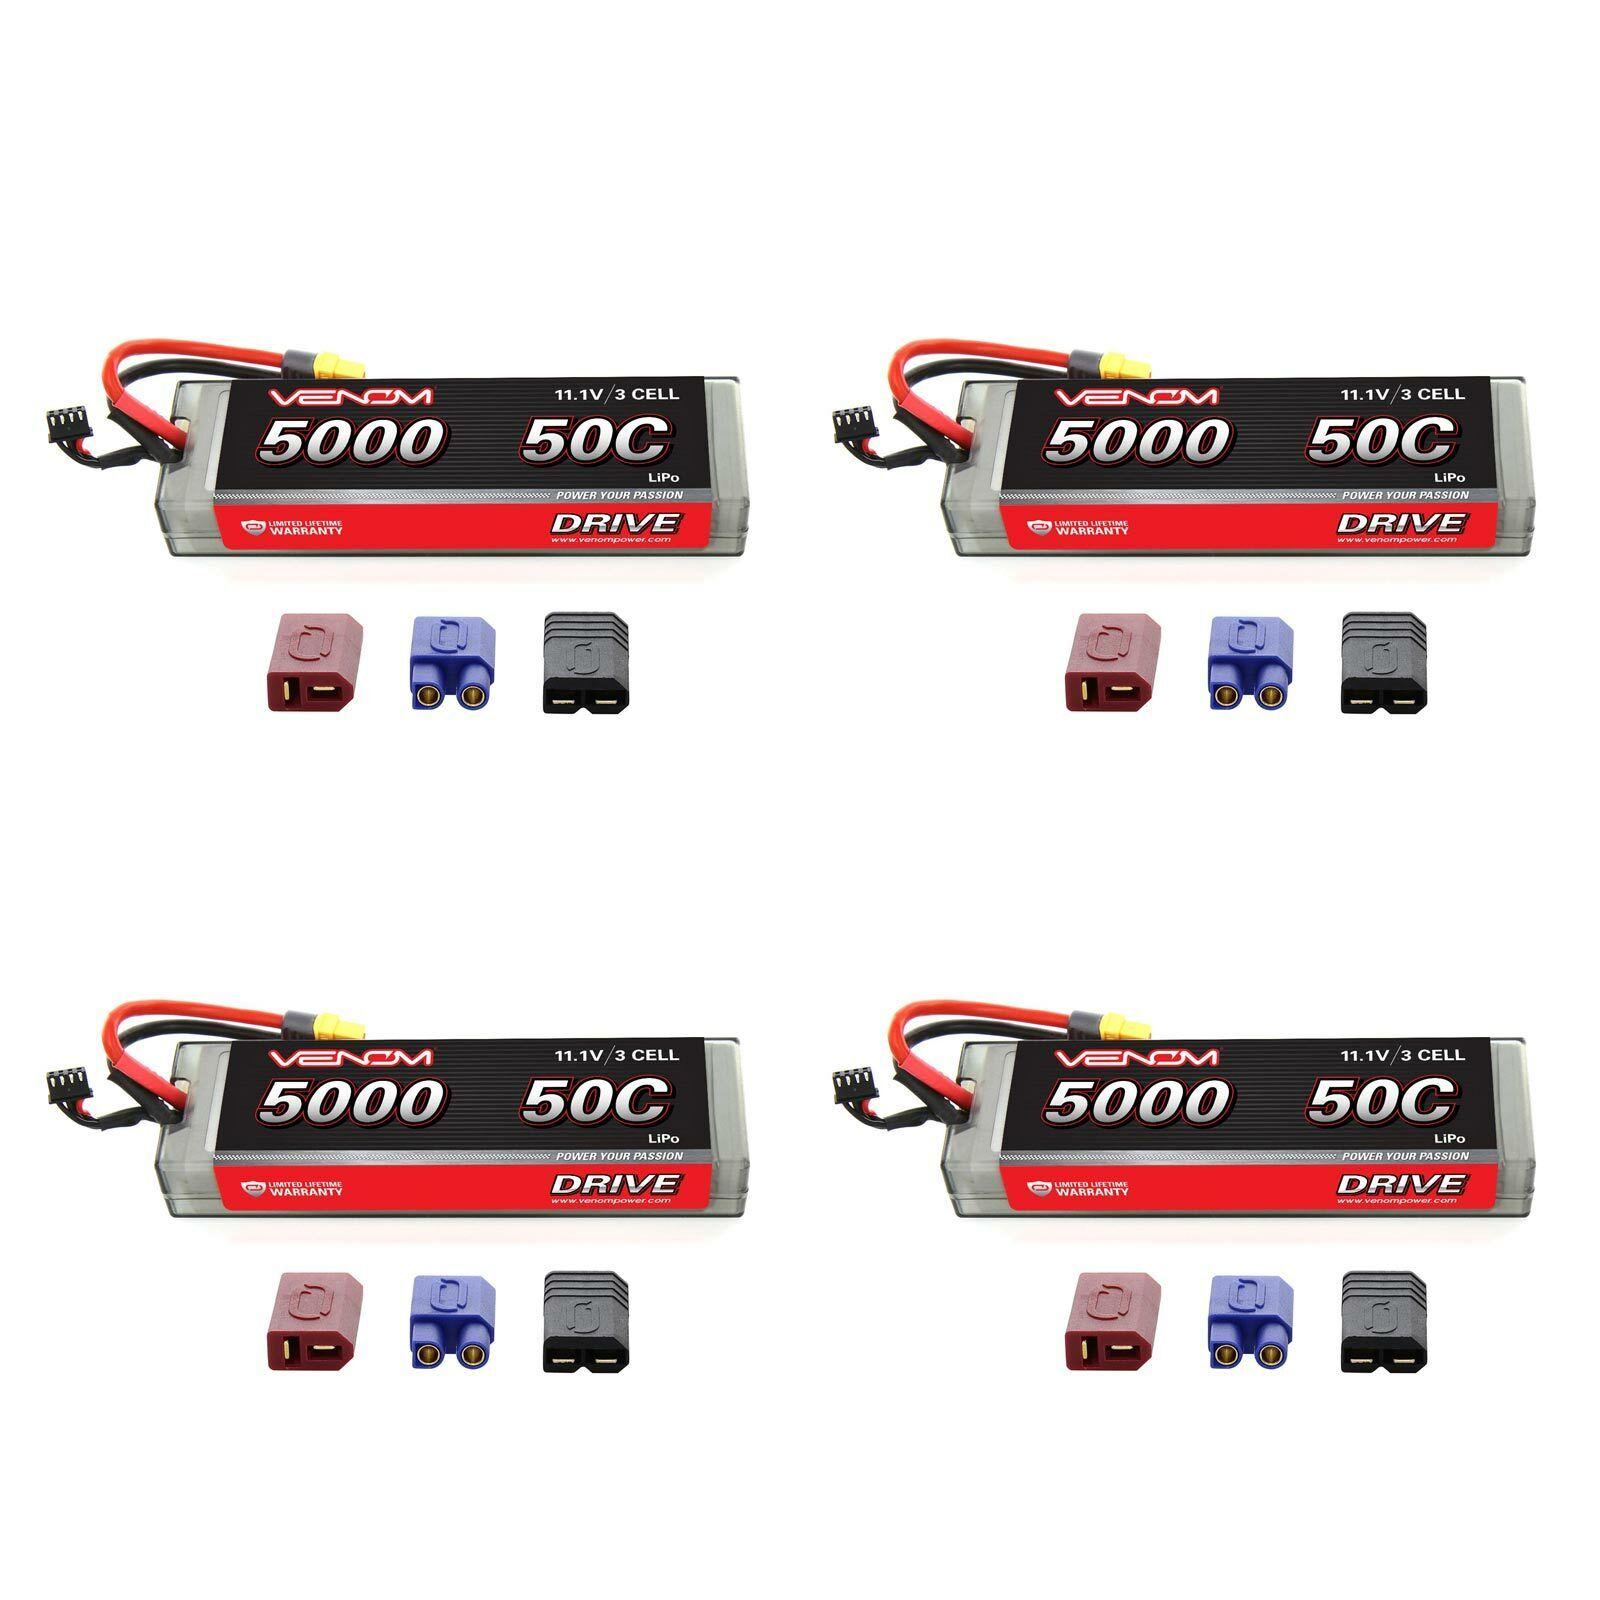 Venom 50C 3S 11.1V 5000mAh Batería LiPo Hardcase paquete plano con paquetes de Enchufe x4 Uni